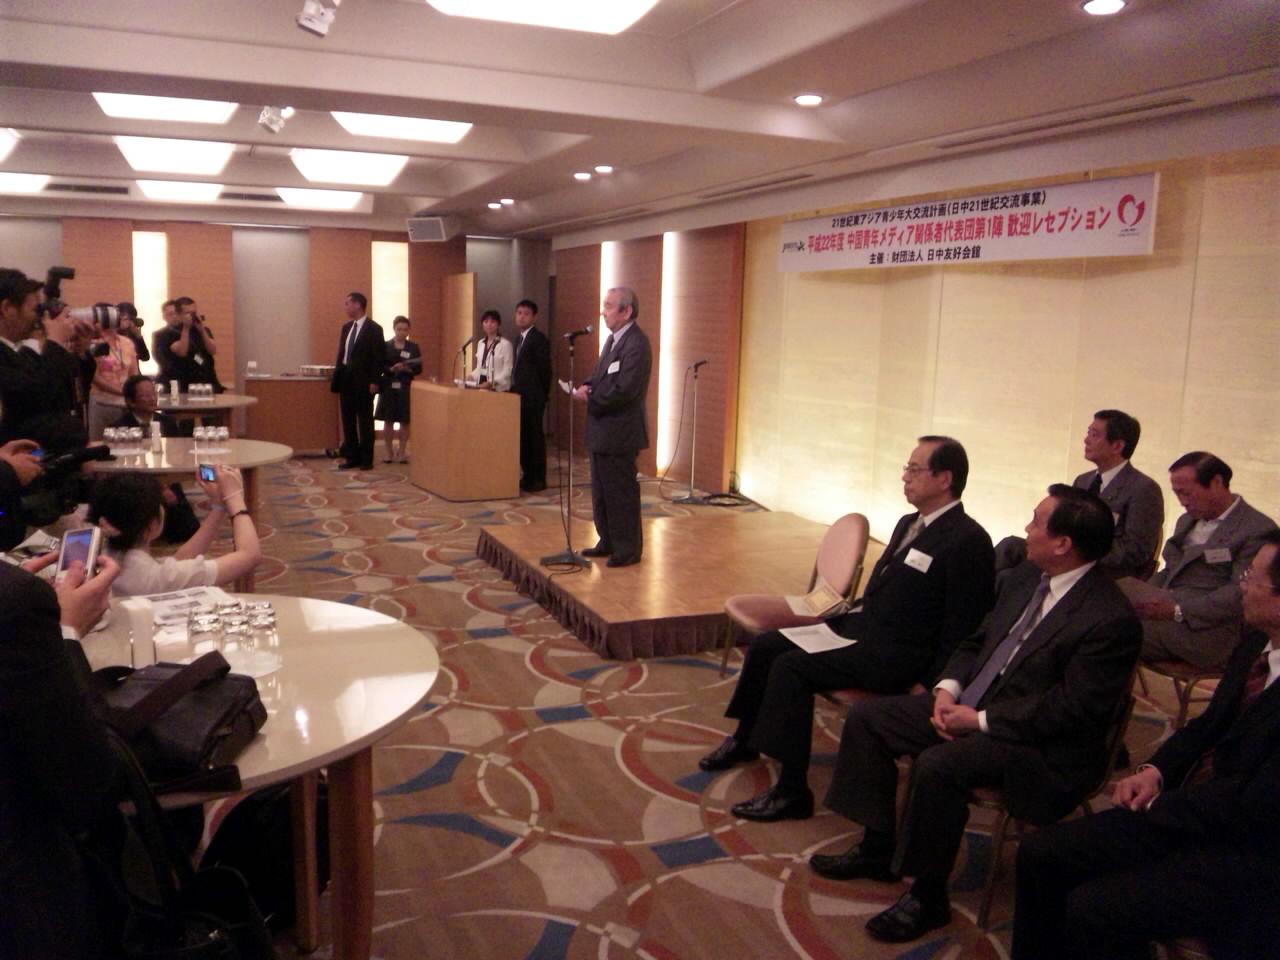 中国青年媒体工作者訪日歓迎会東京で開催_d0027795_19153488.jpg